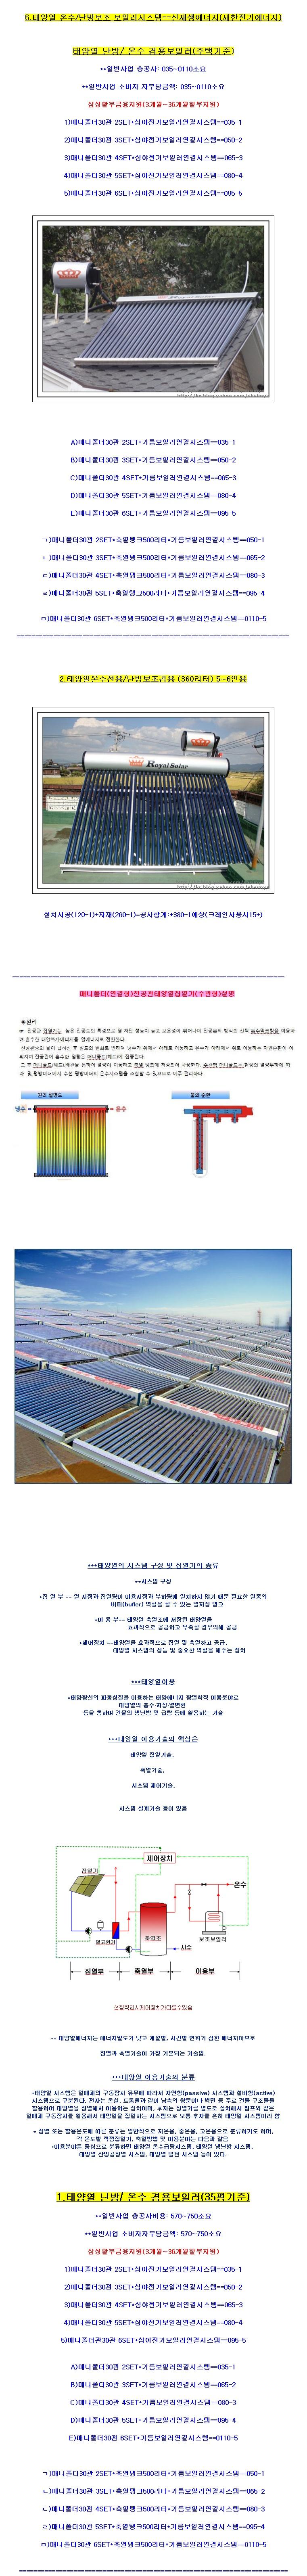 보일러,태양열보일러,심야전기보일러,보일러가격,태양열보일러가격,새한전기에너지